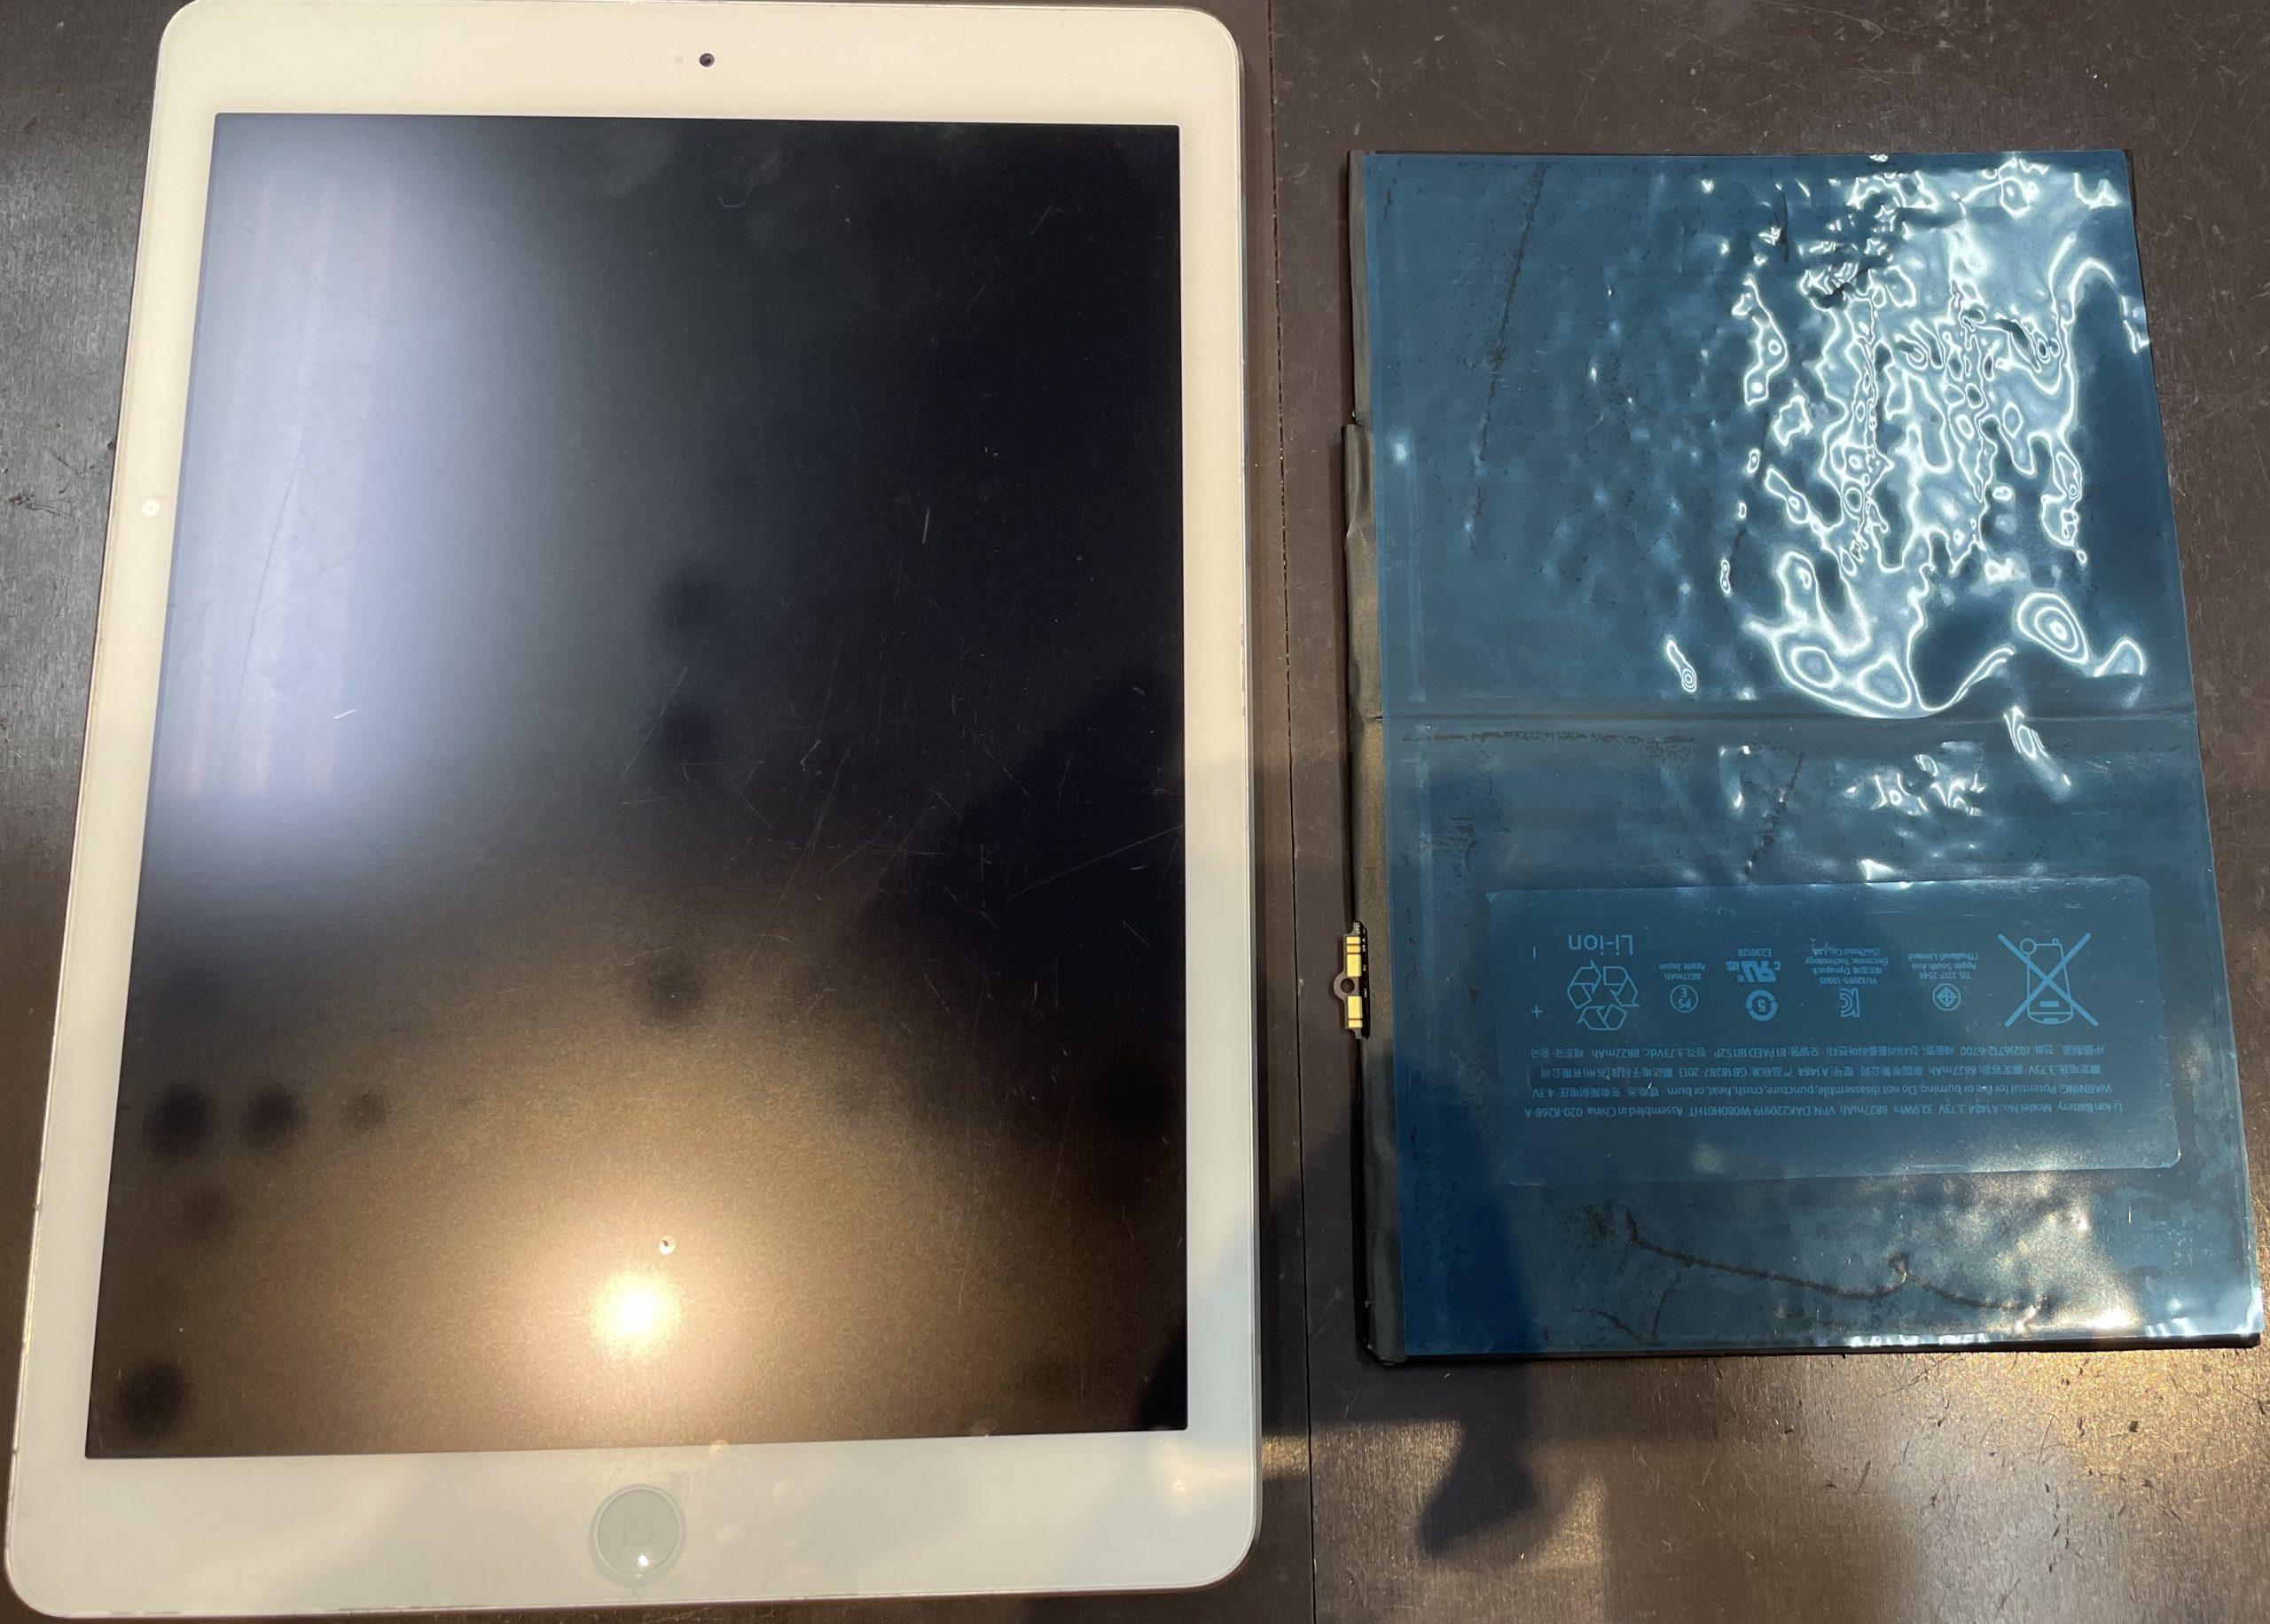 iPad Airのバッテリー交換が即日で修理可能になりました✨【iPad Air 佐賀市よりご来店】